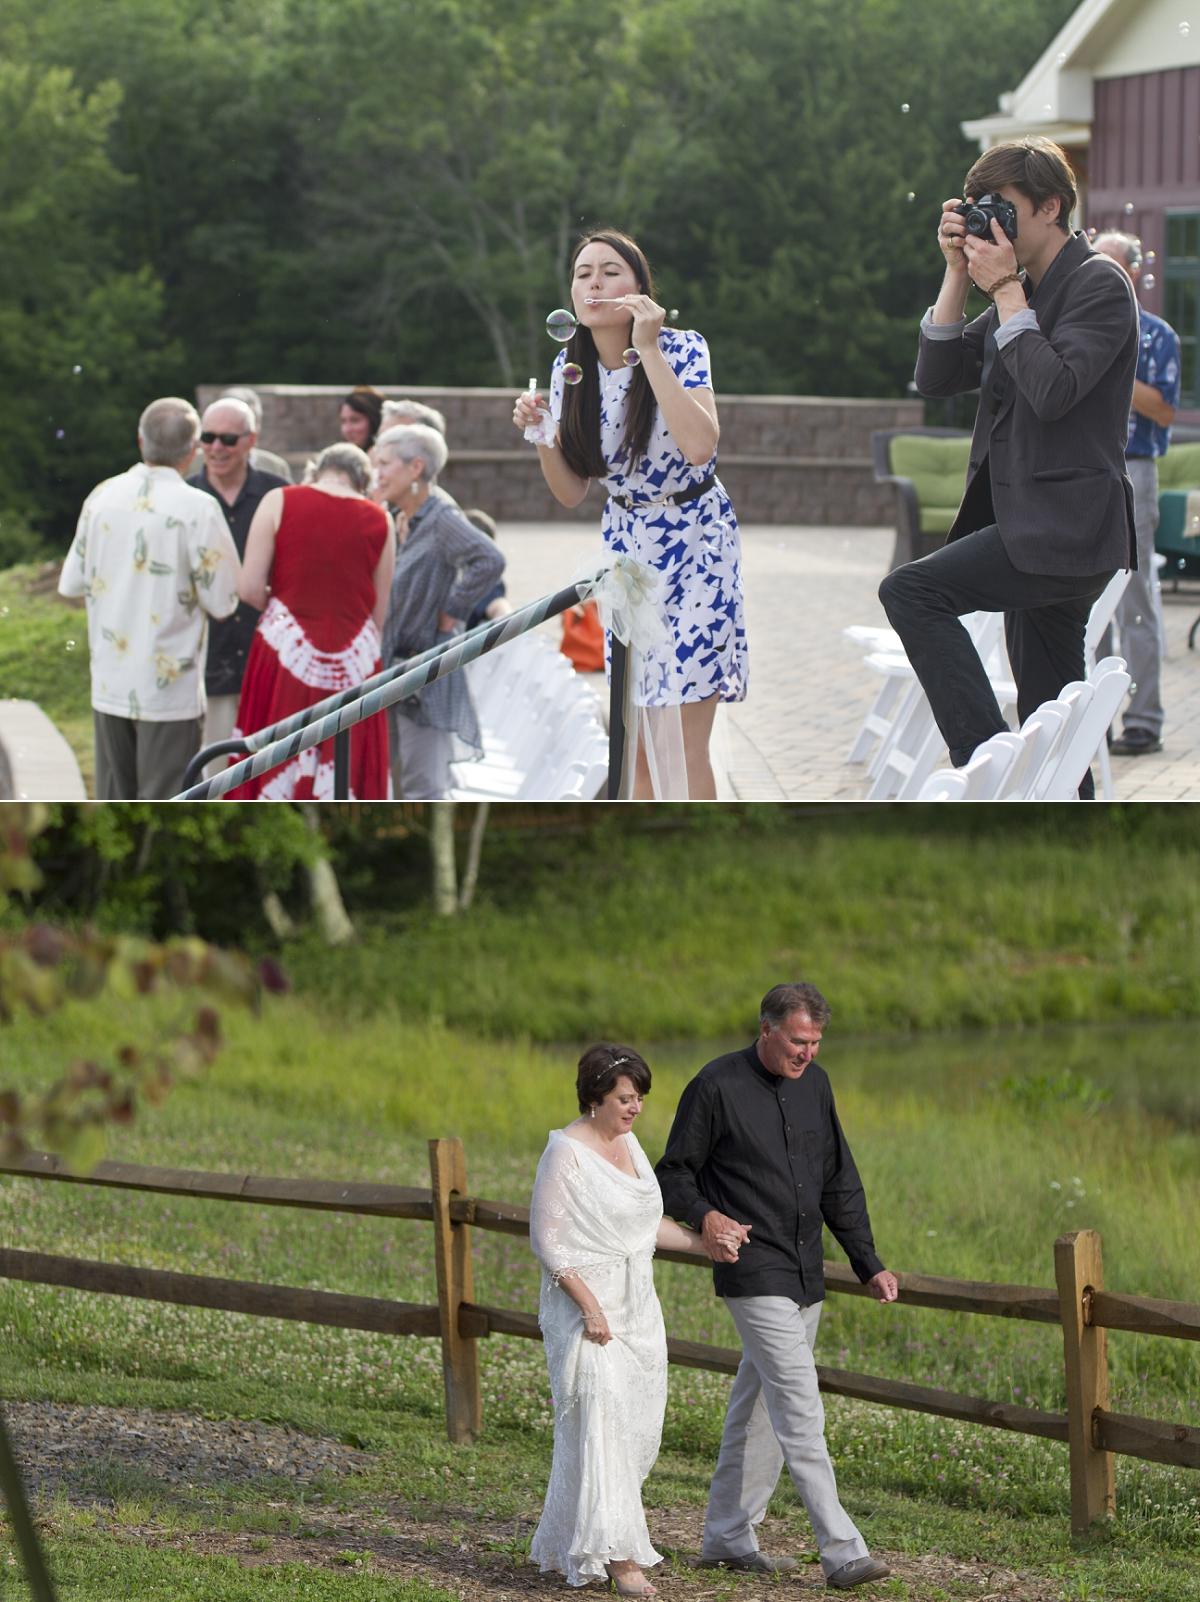 Floyd-EcoVillage-Wedding-Photos-_0005.jpg